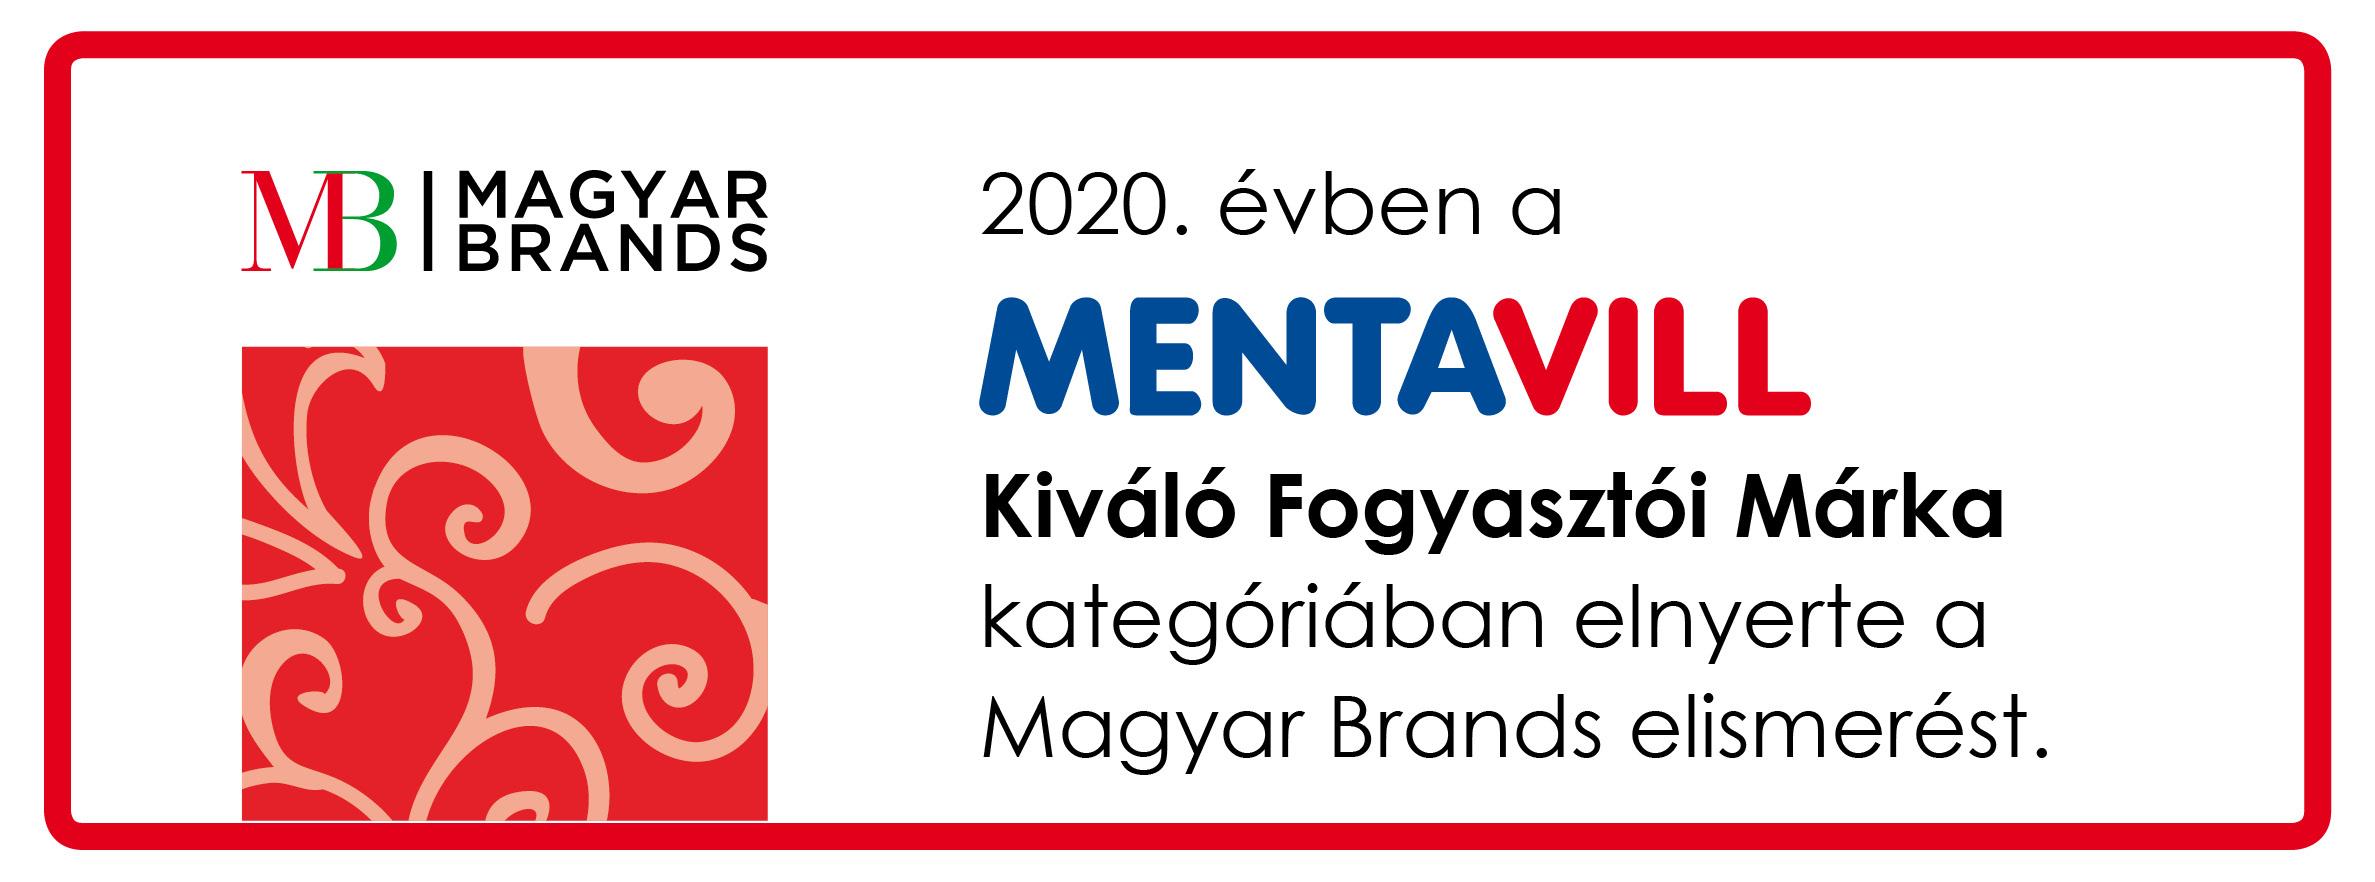 Magyar_Brands